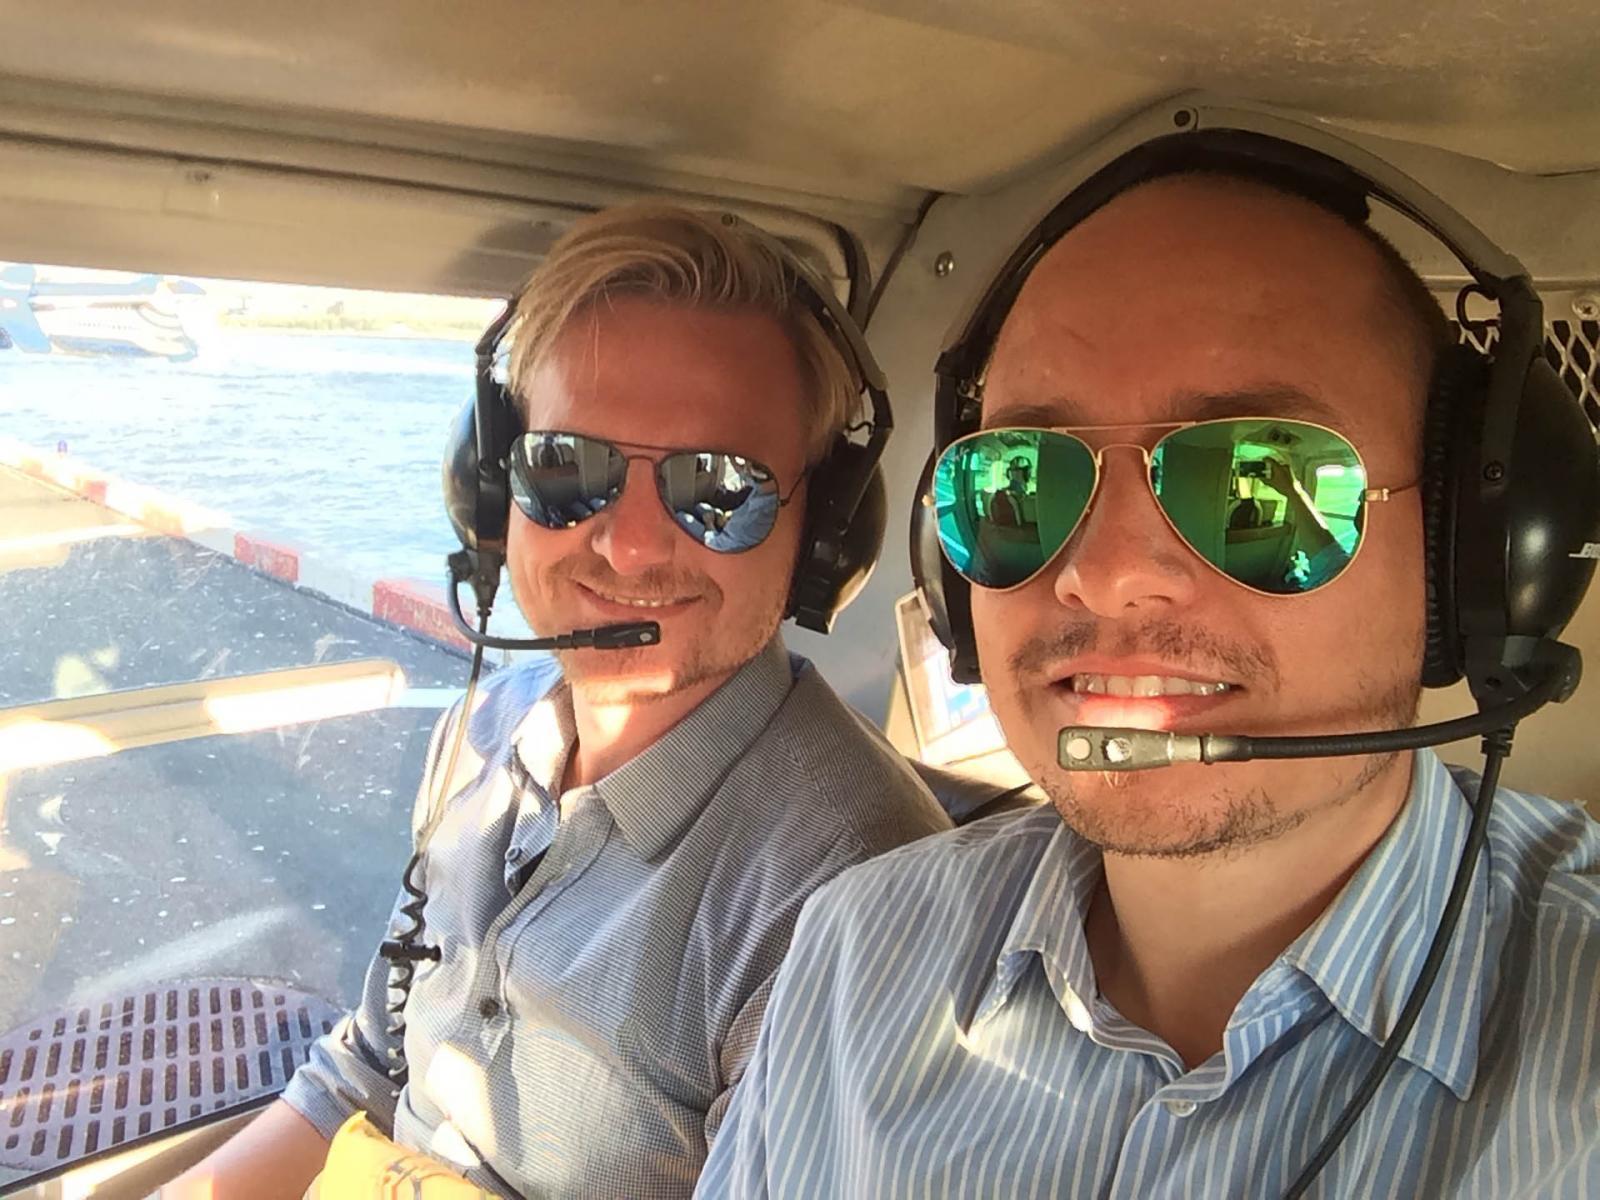 Erfahrungen-Helikopter-Flug-New-York-07